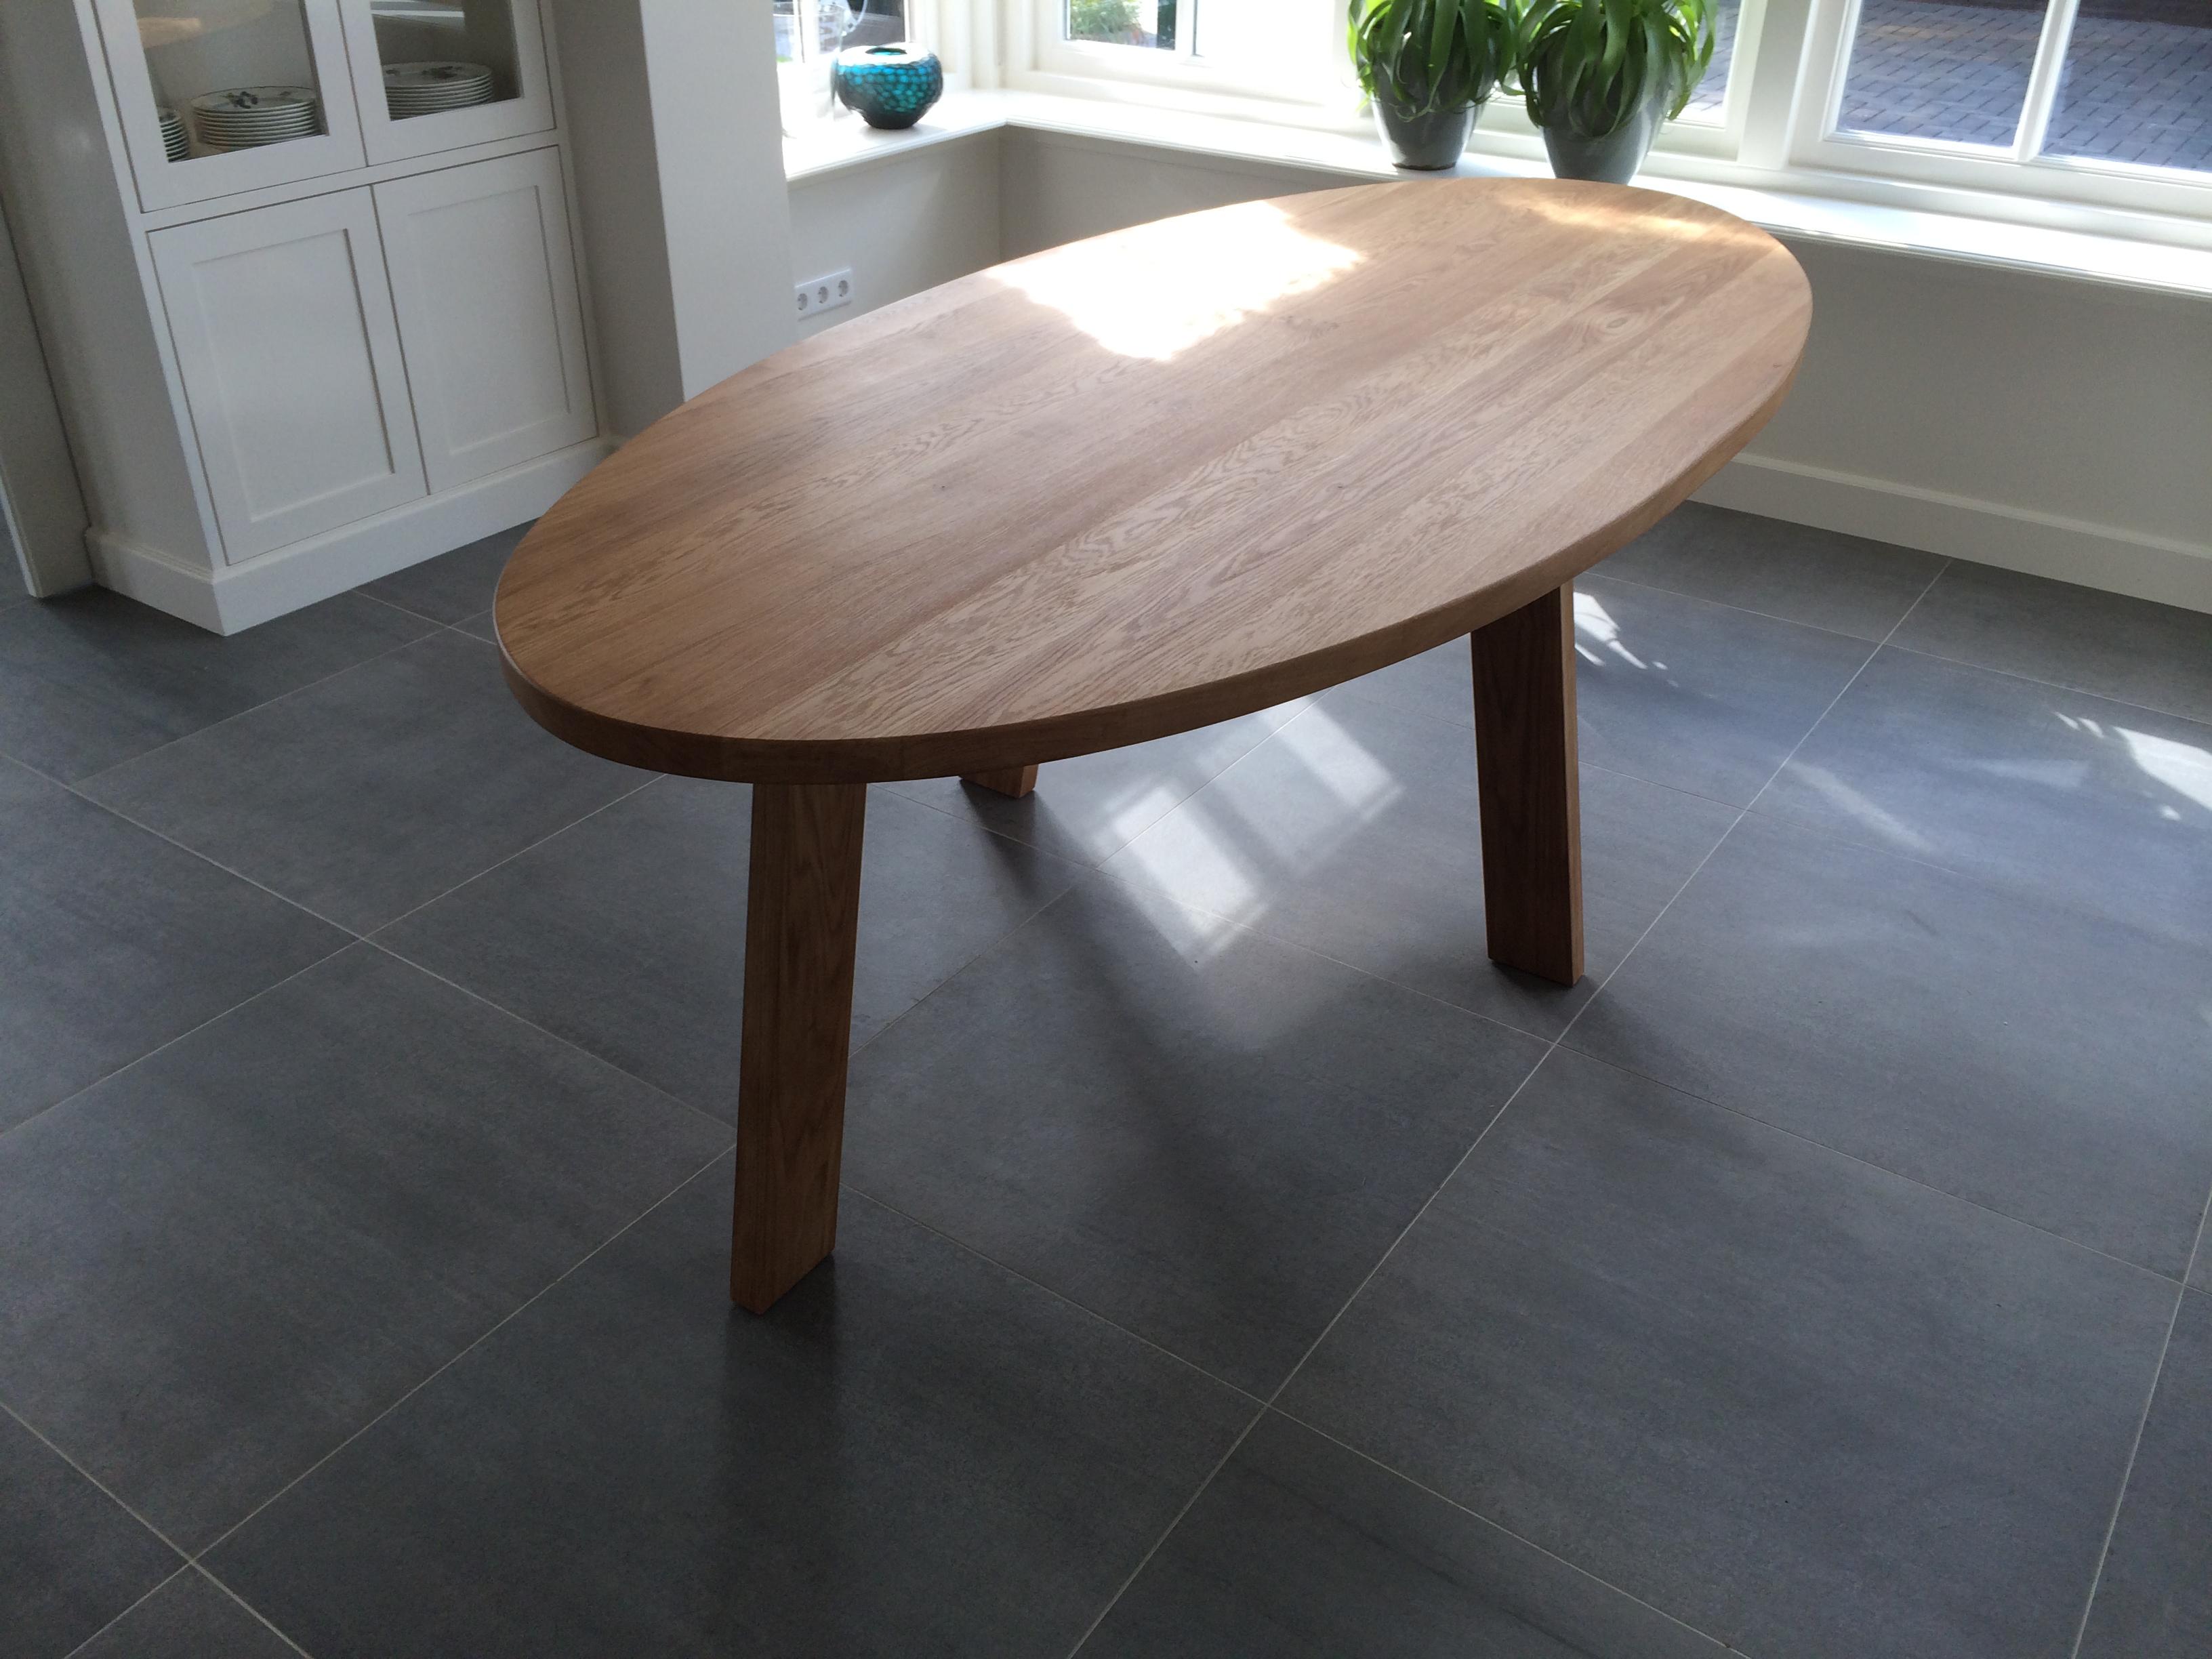 Ovalis kien met hout for Ovale tafel